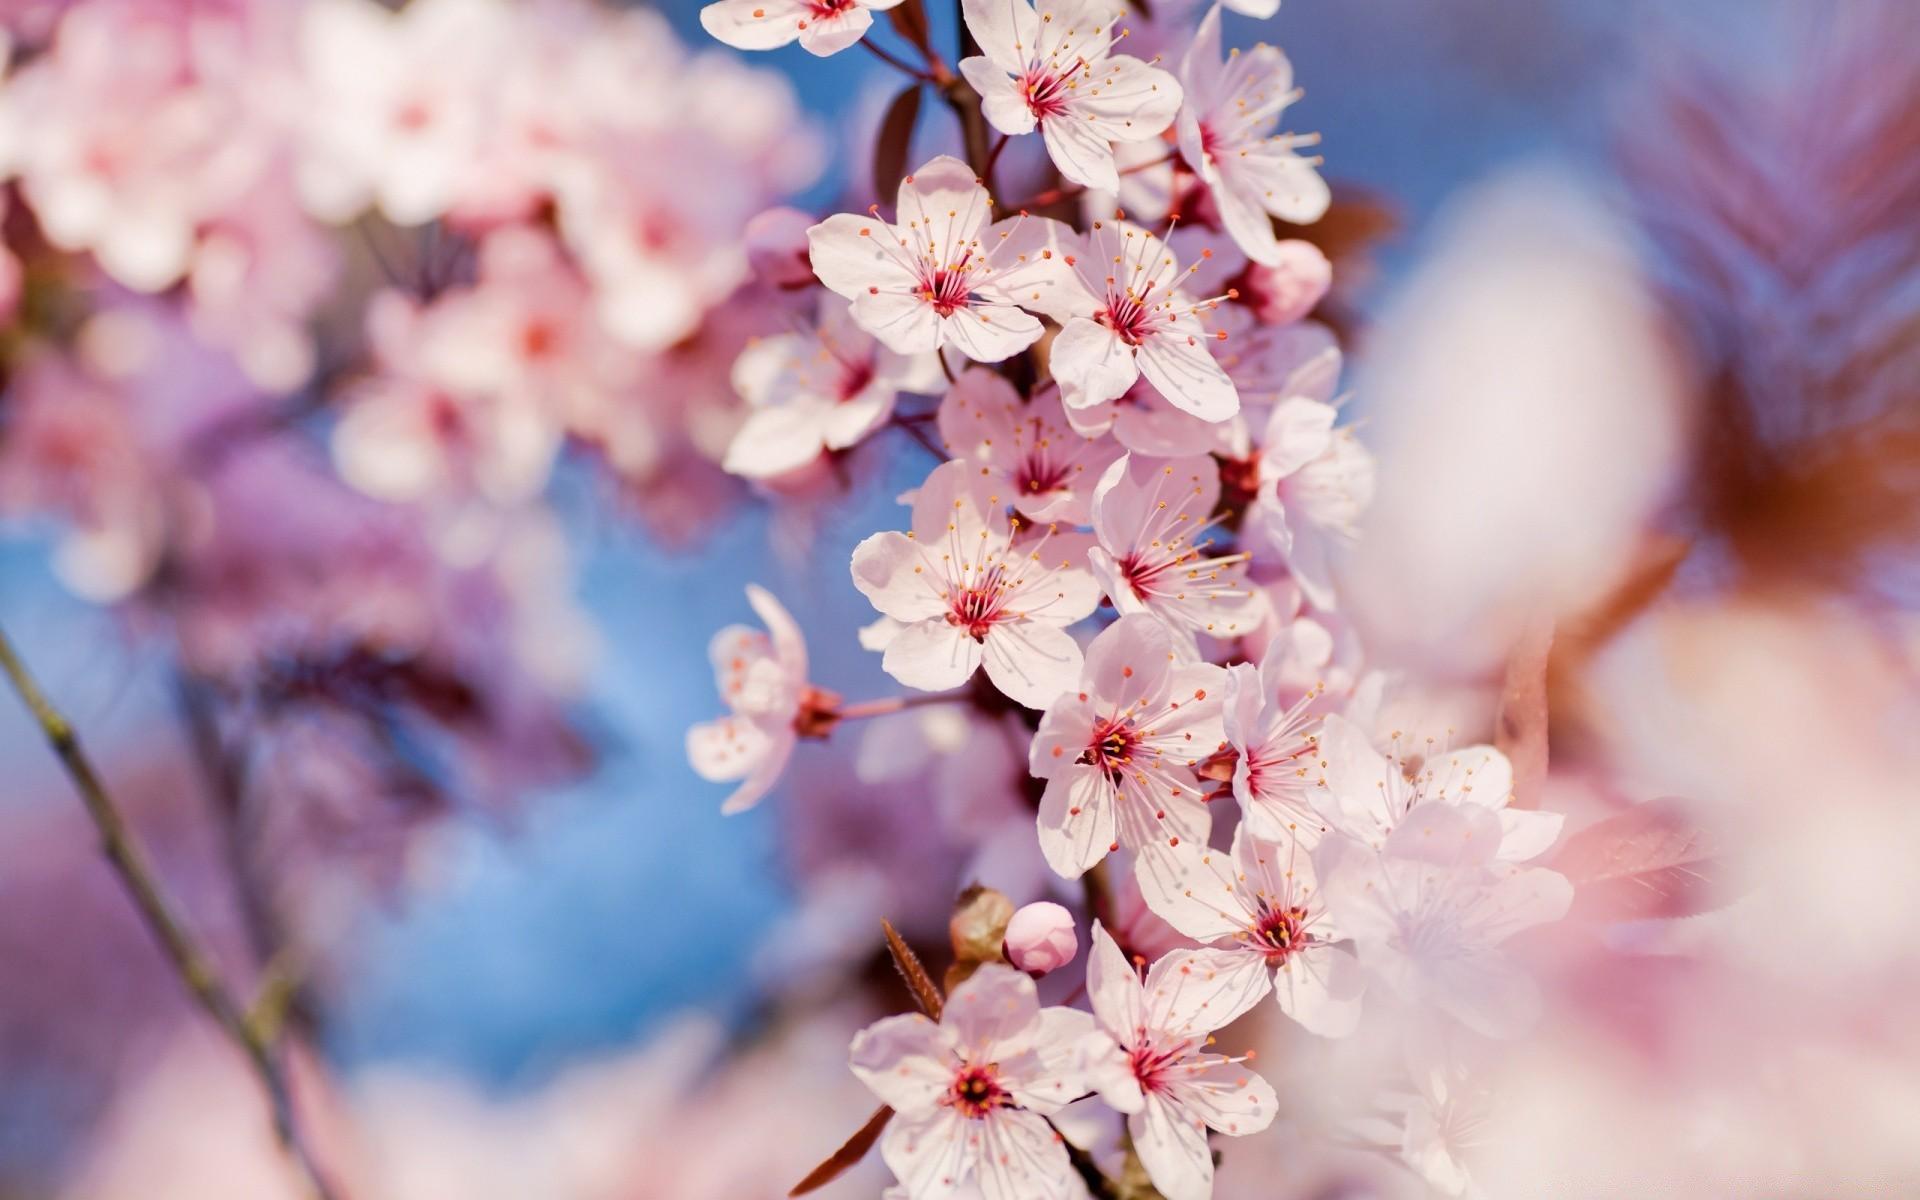 располагается фоновые картинки на телефон весна считает